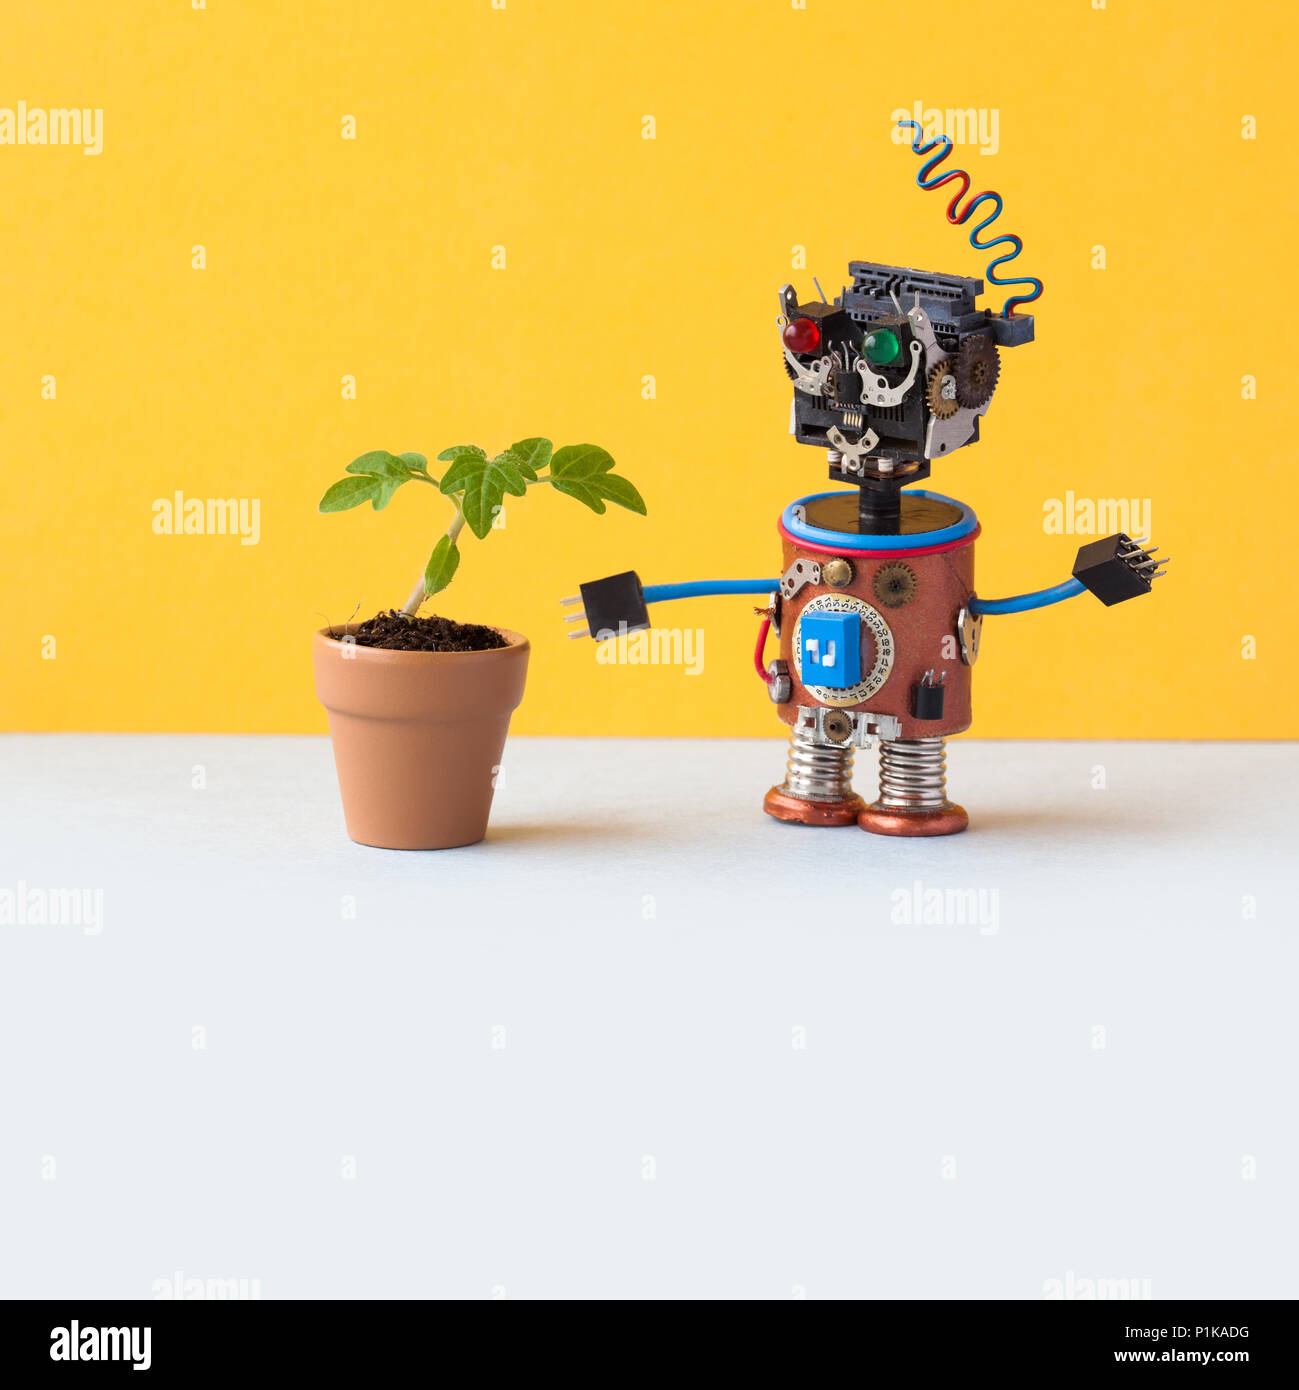 Roboter erforscht eine lebendige grüne Pflanze in einer Blume Tontopf. Künstliche Intelligenz gegenüber organischen Lebens. Gelbe Wand, Hintergrund, weiße Stock. Kopieren Sie Platz. Stockbild